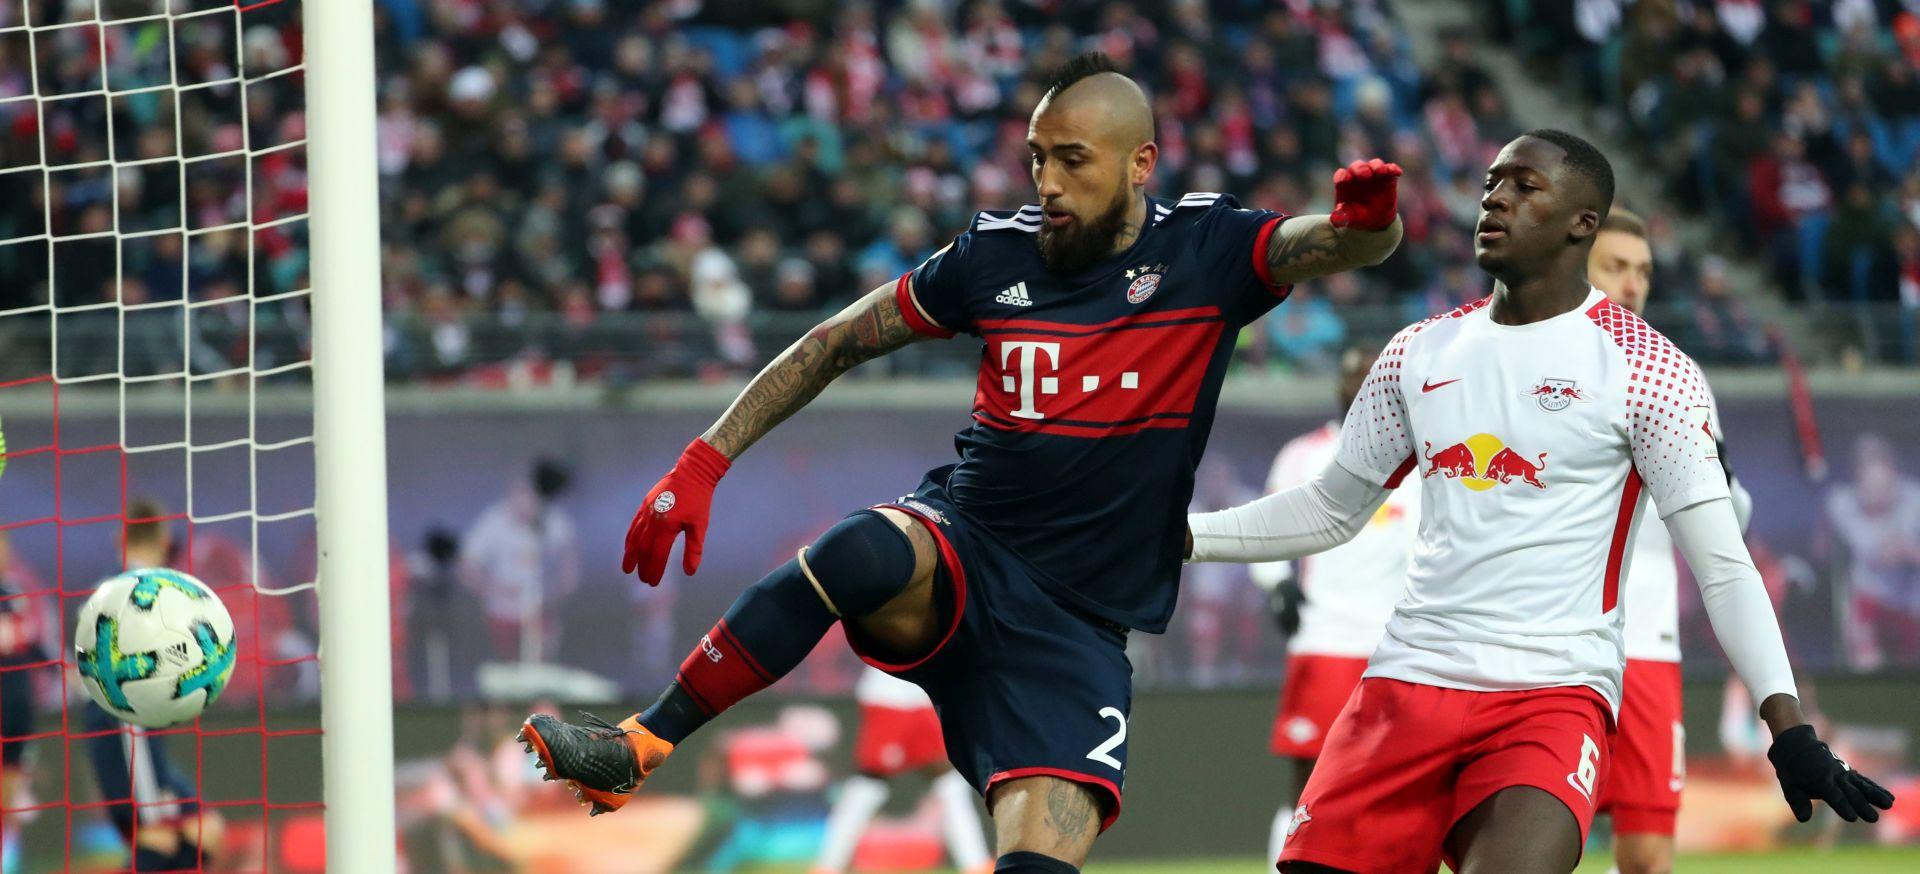 Vidal mora na operaciju koljena, upitan nastup protiv Reala